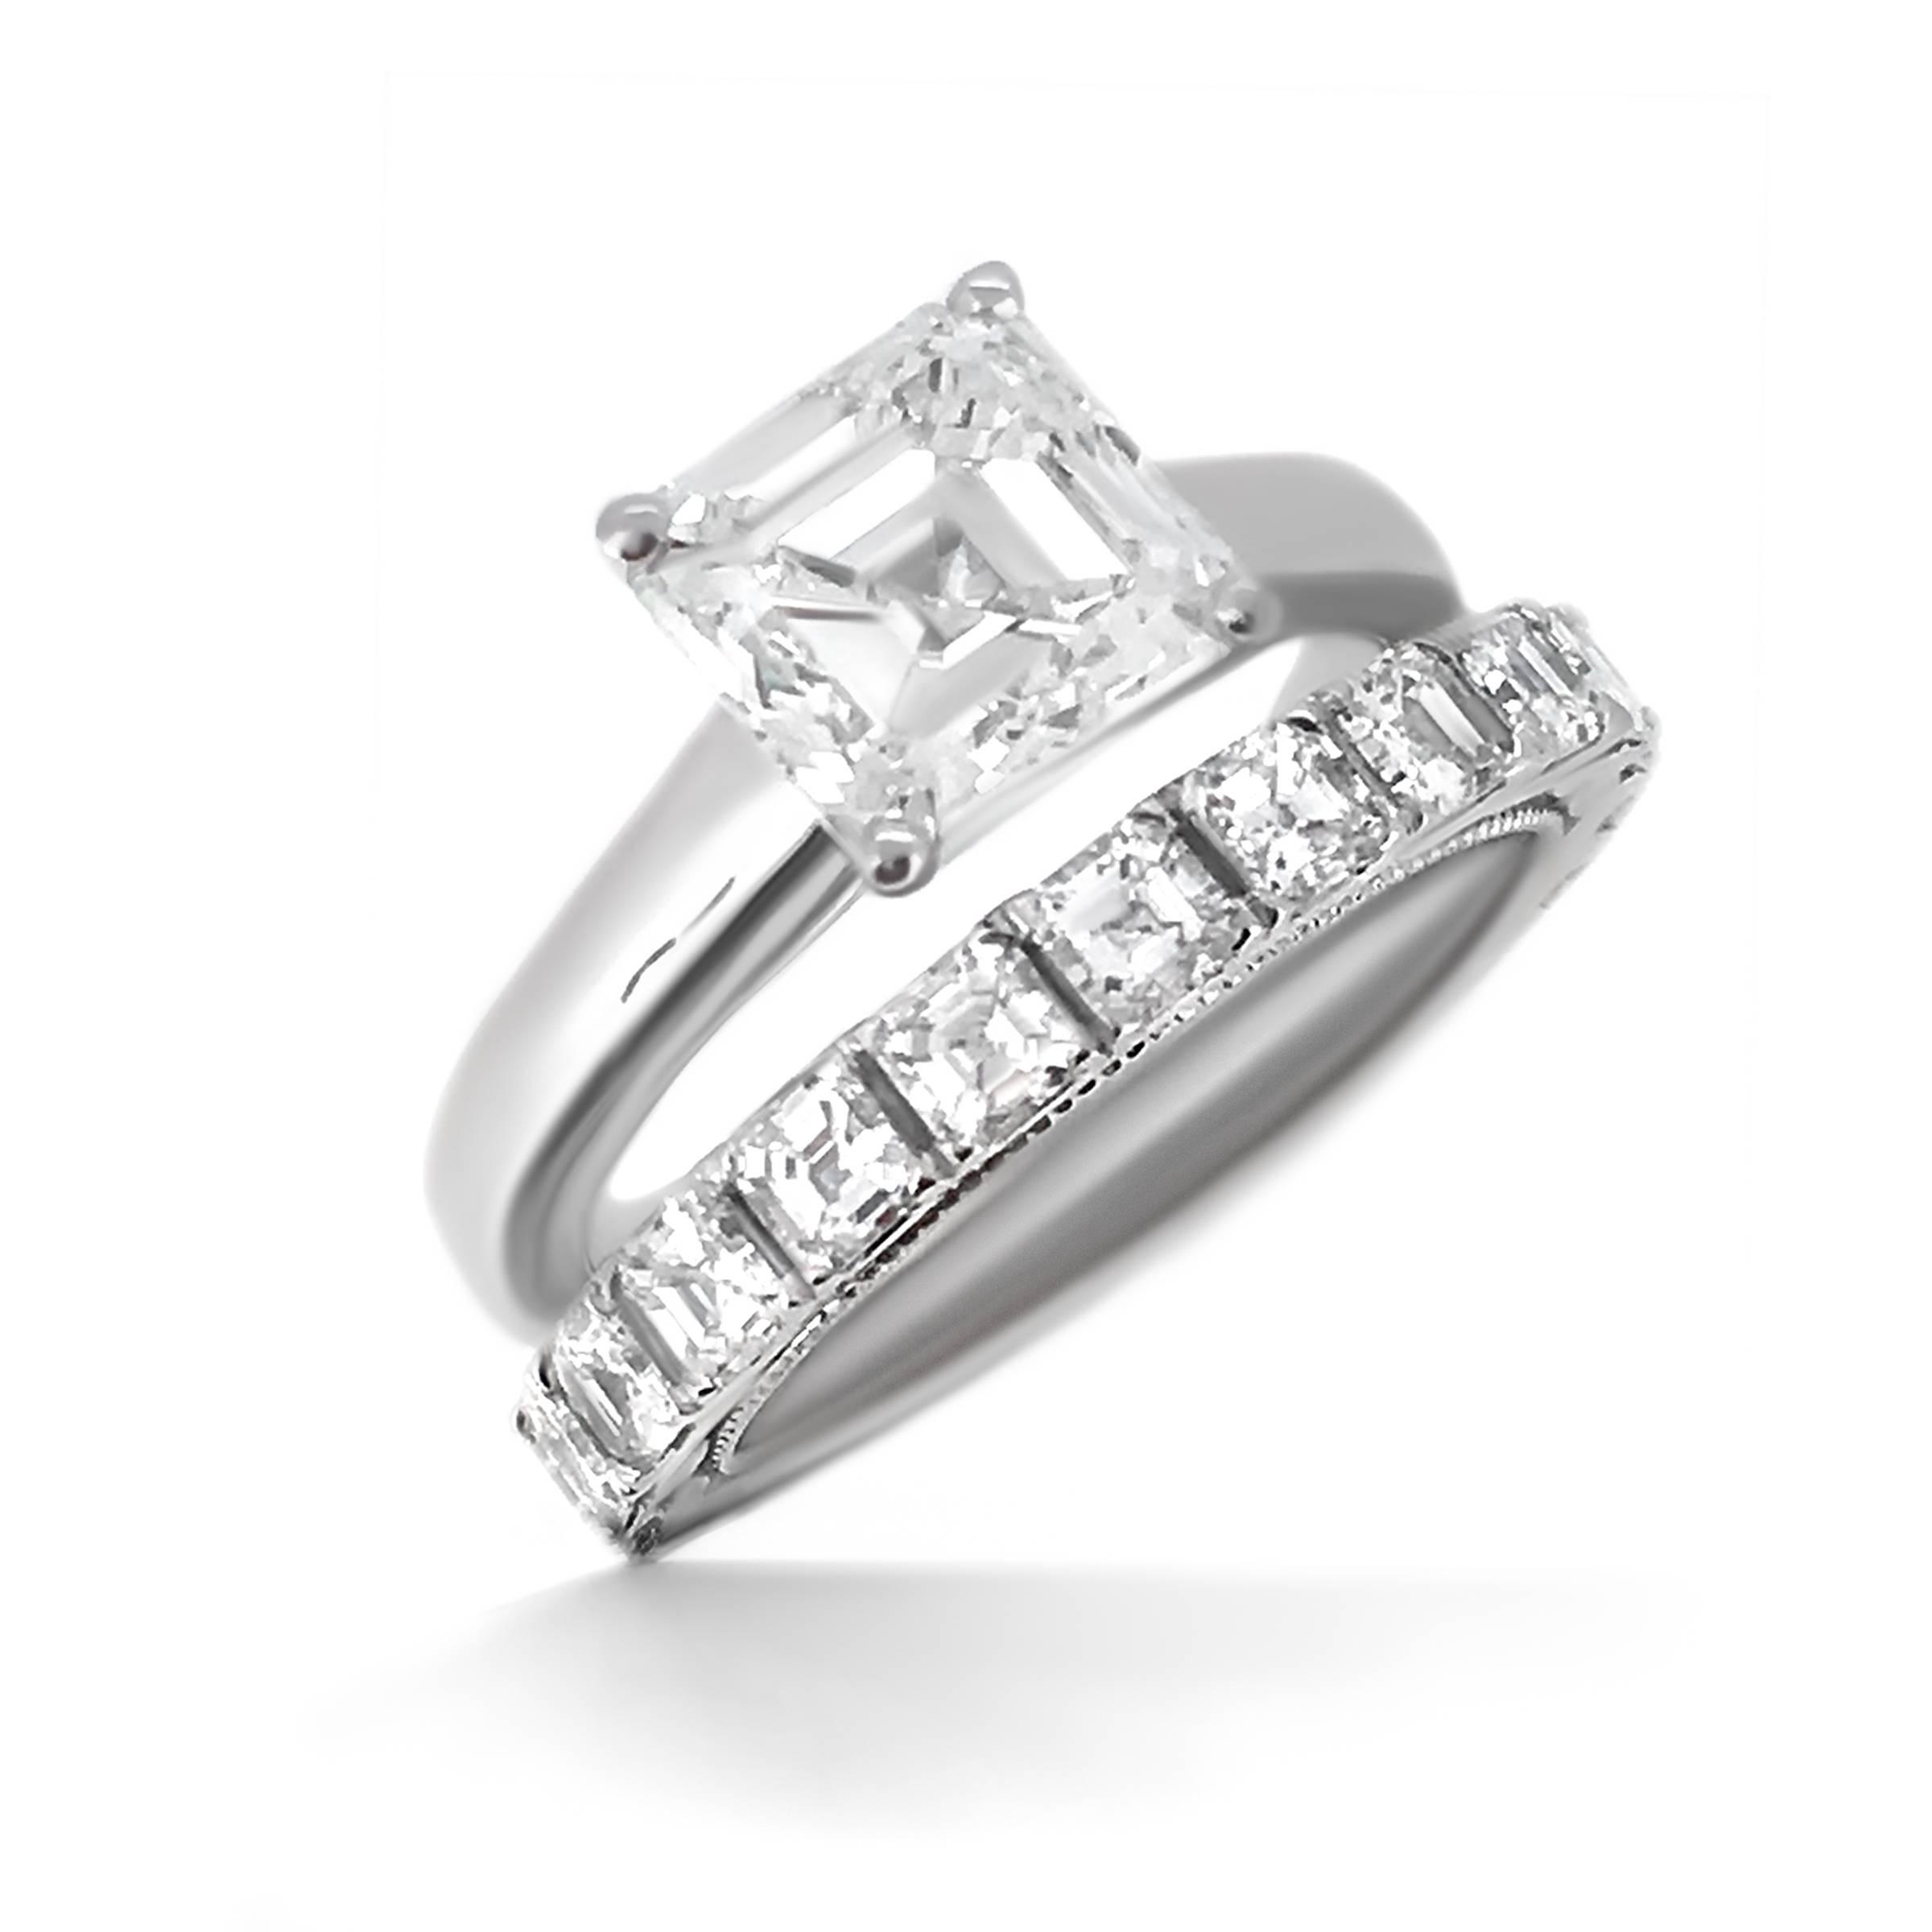 Asscher Cut Diamond Engagement Ring – Haywards – Bespoke Jewellery Regarding Newest Asscher Cut Wedding Bands (View 13 of 15)